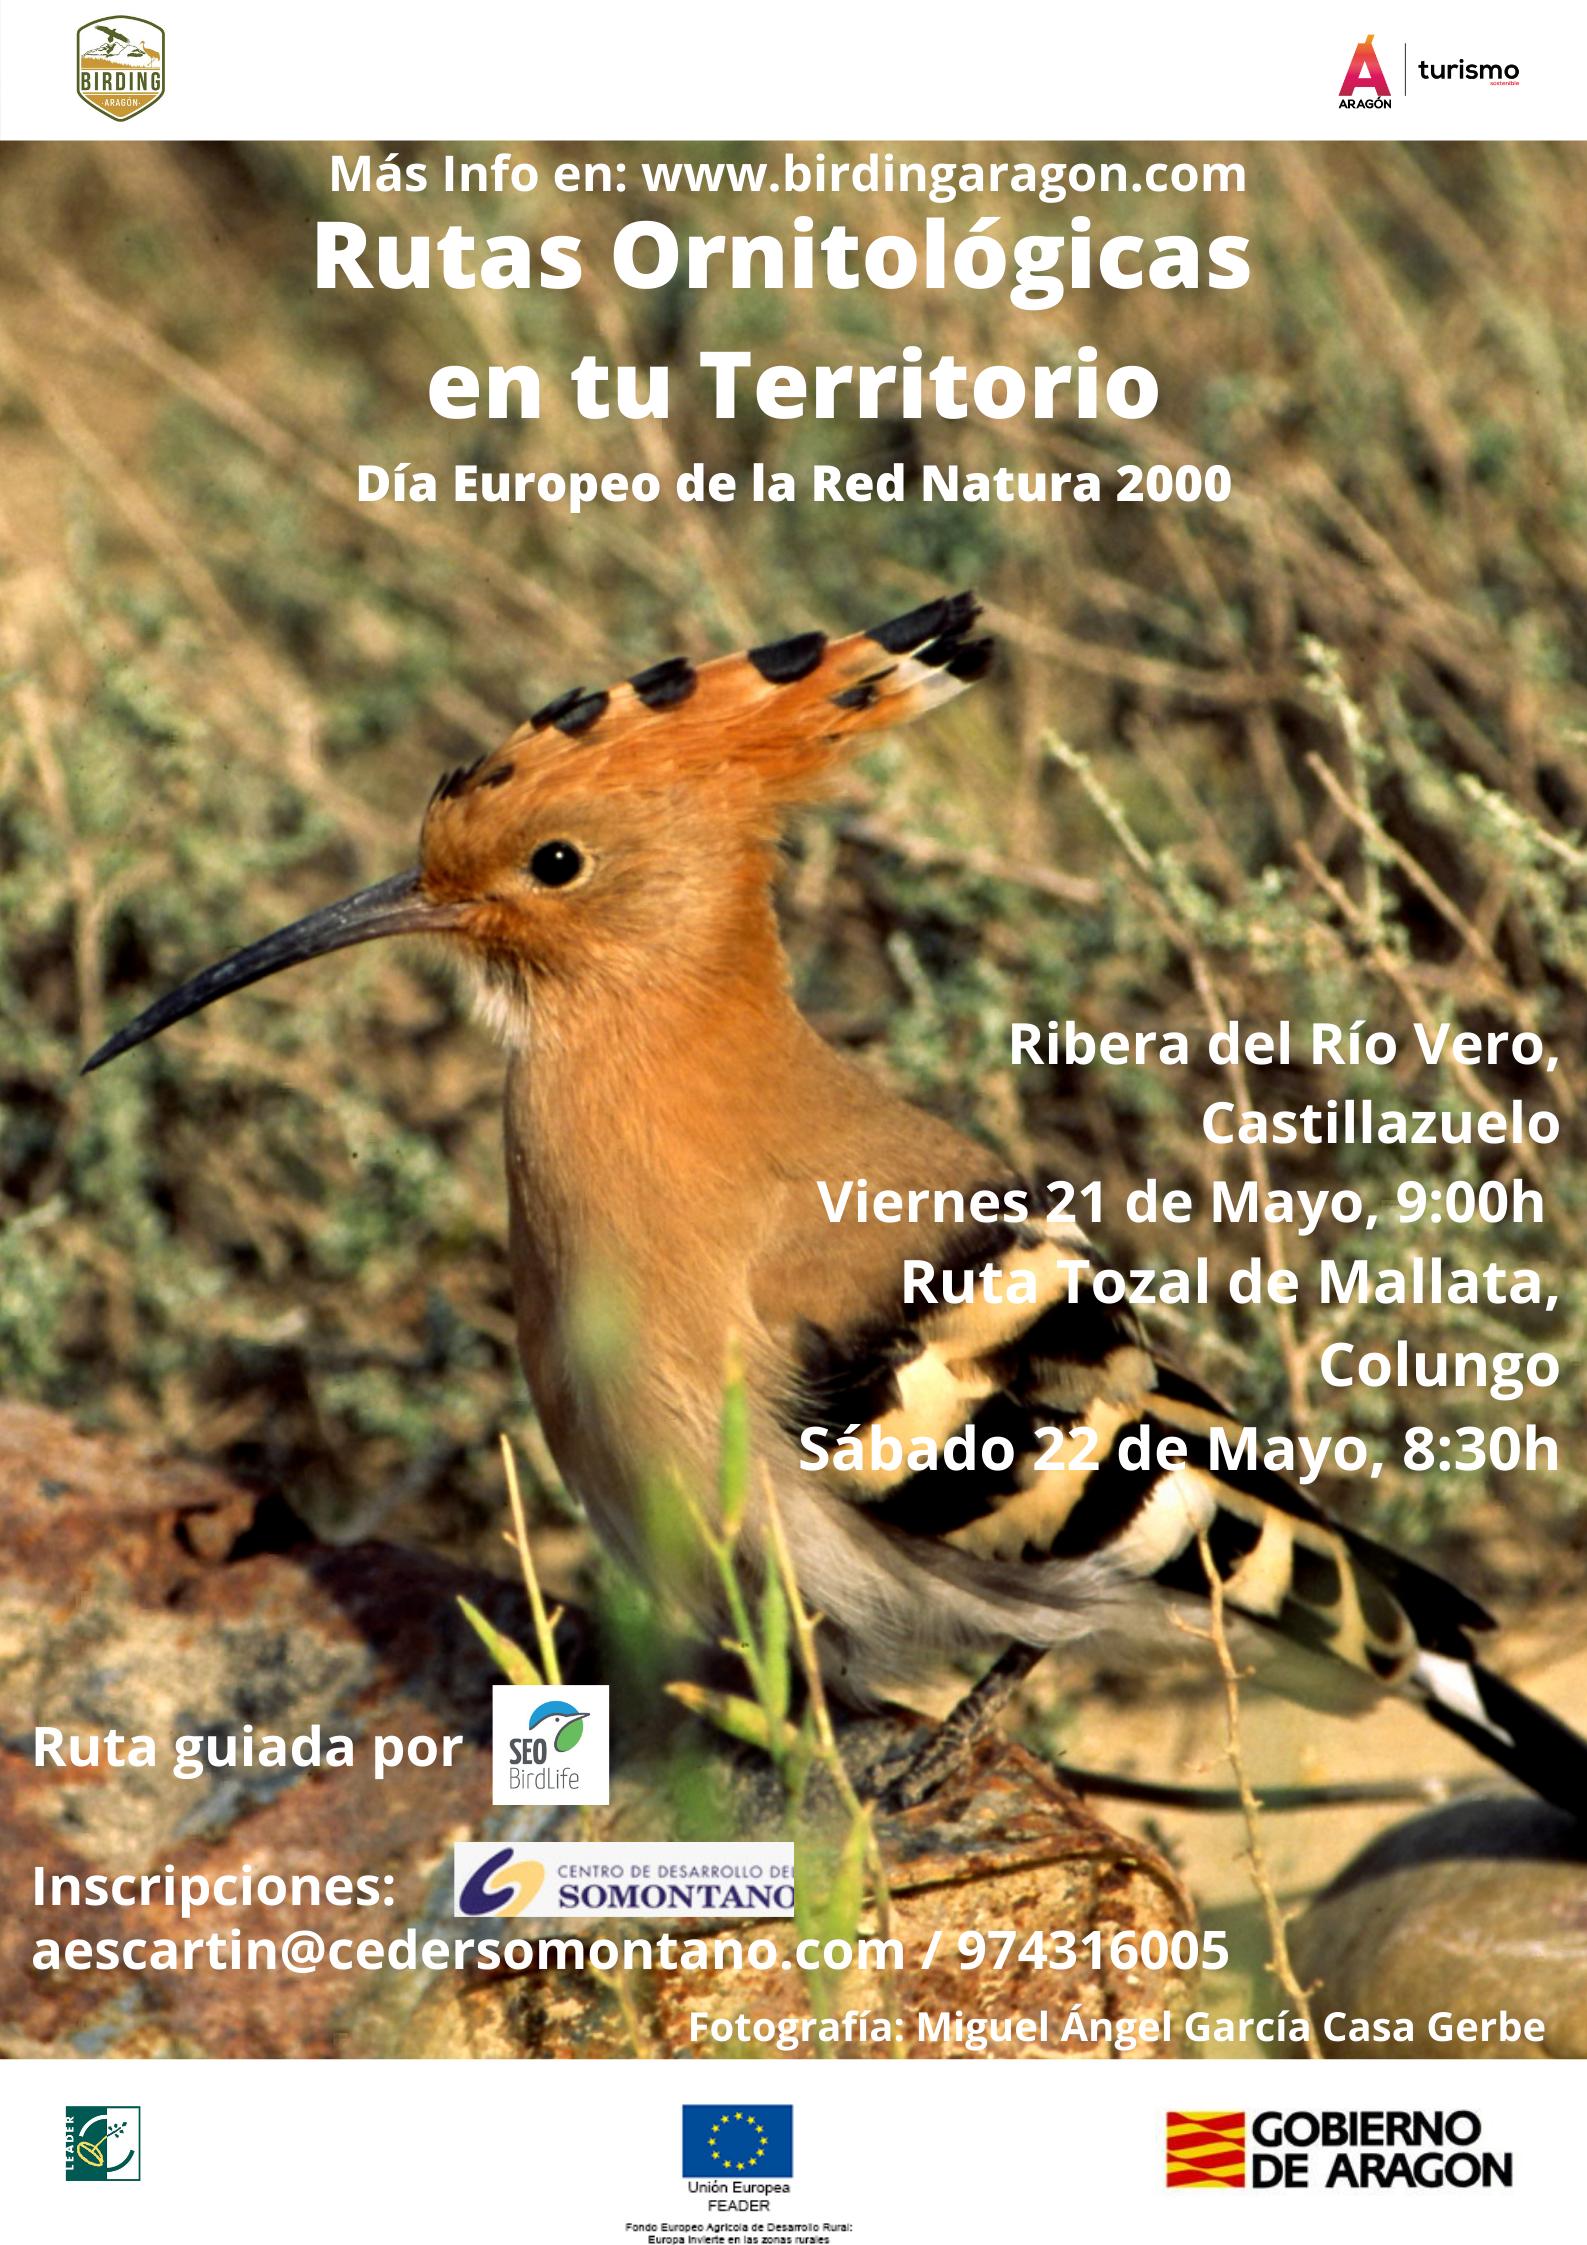 Birding Aragón comienza sus eventos ornitológicos en el Somontano